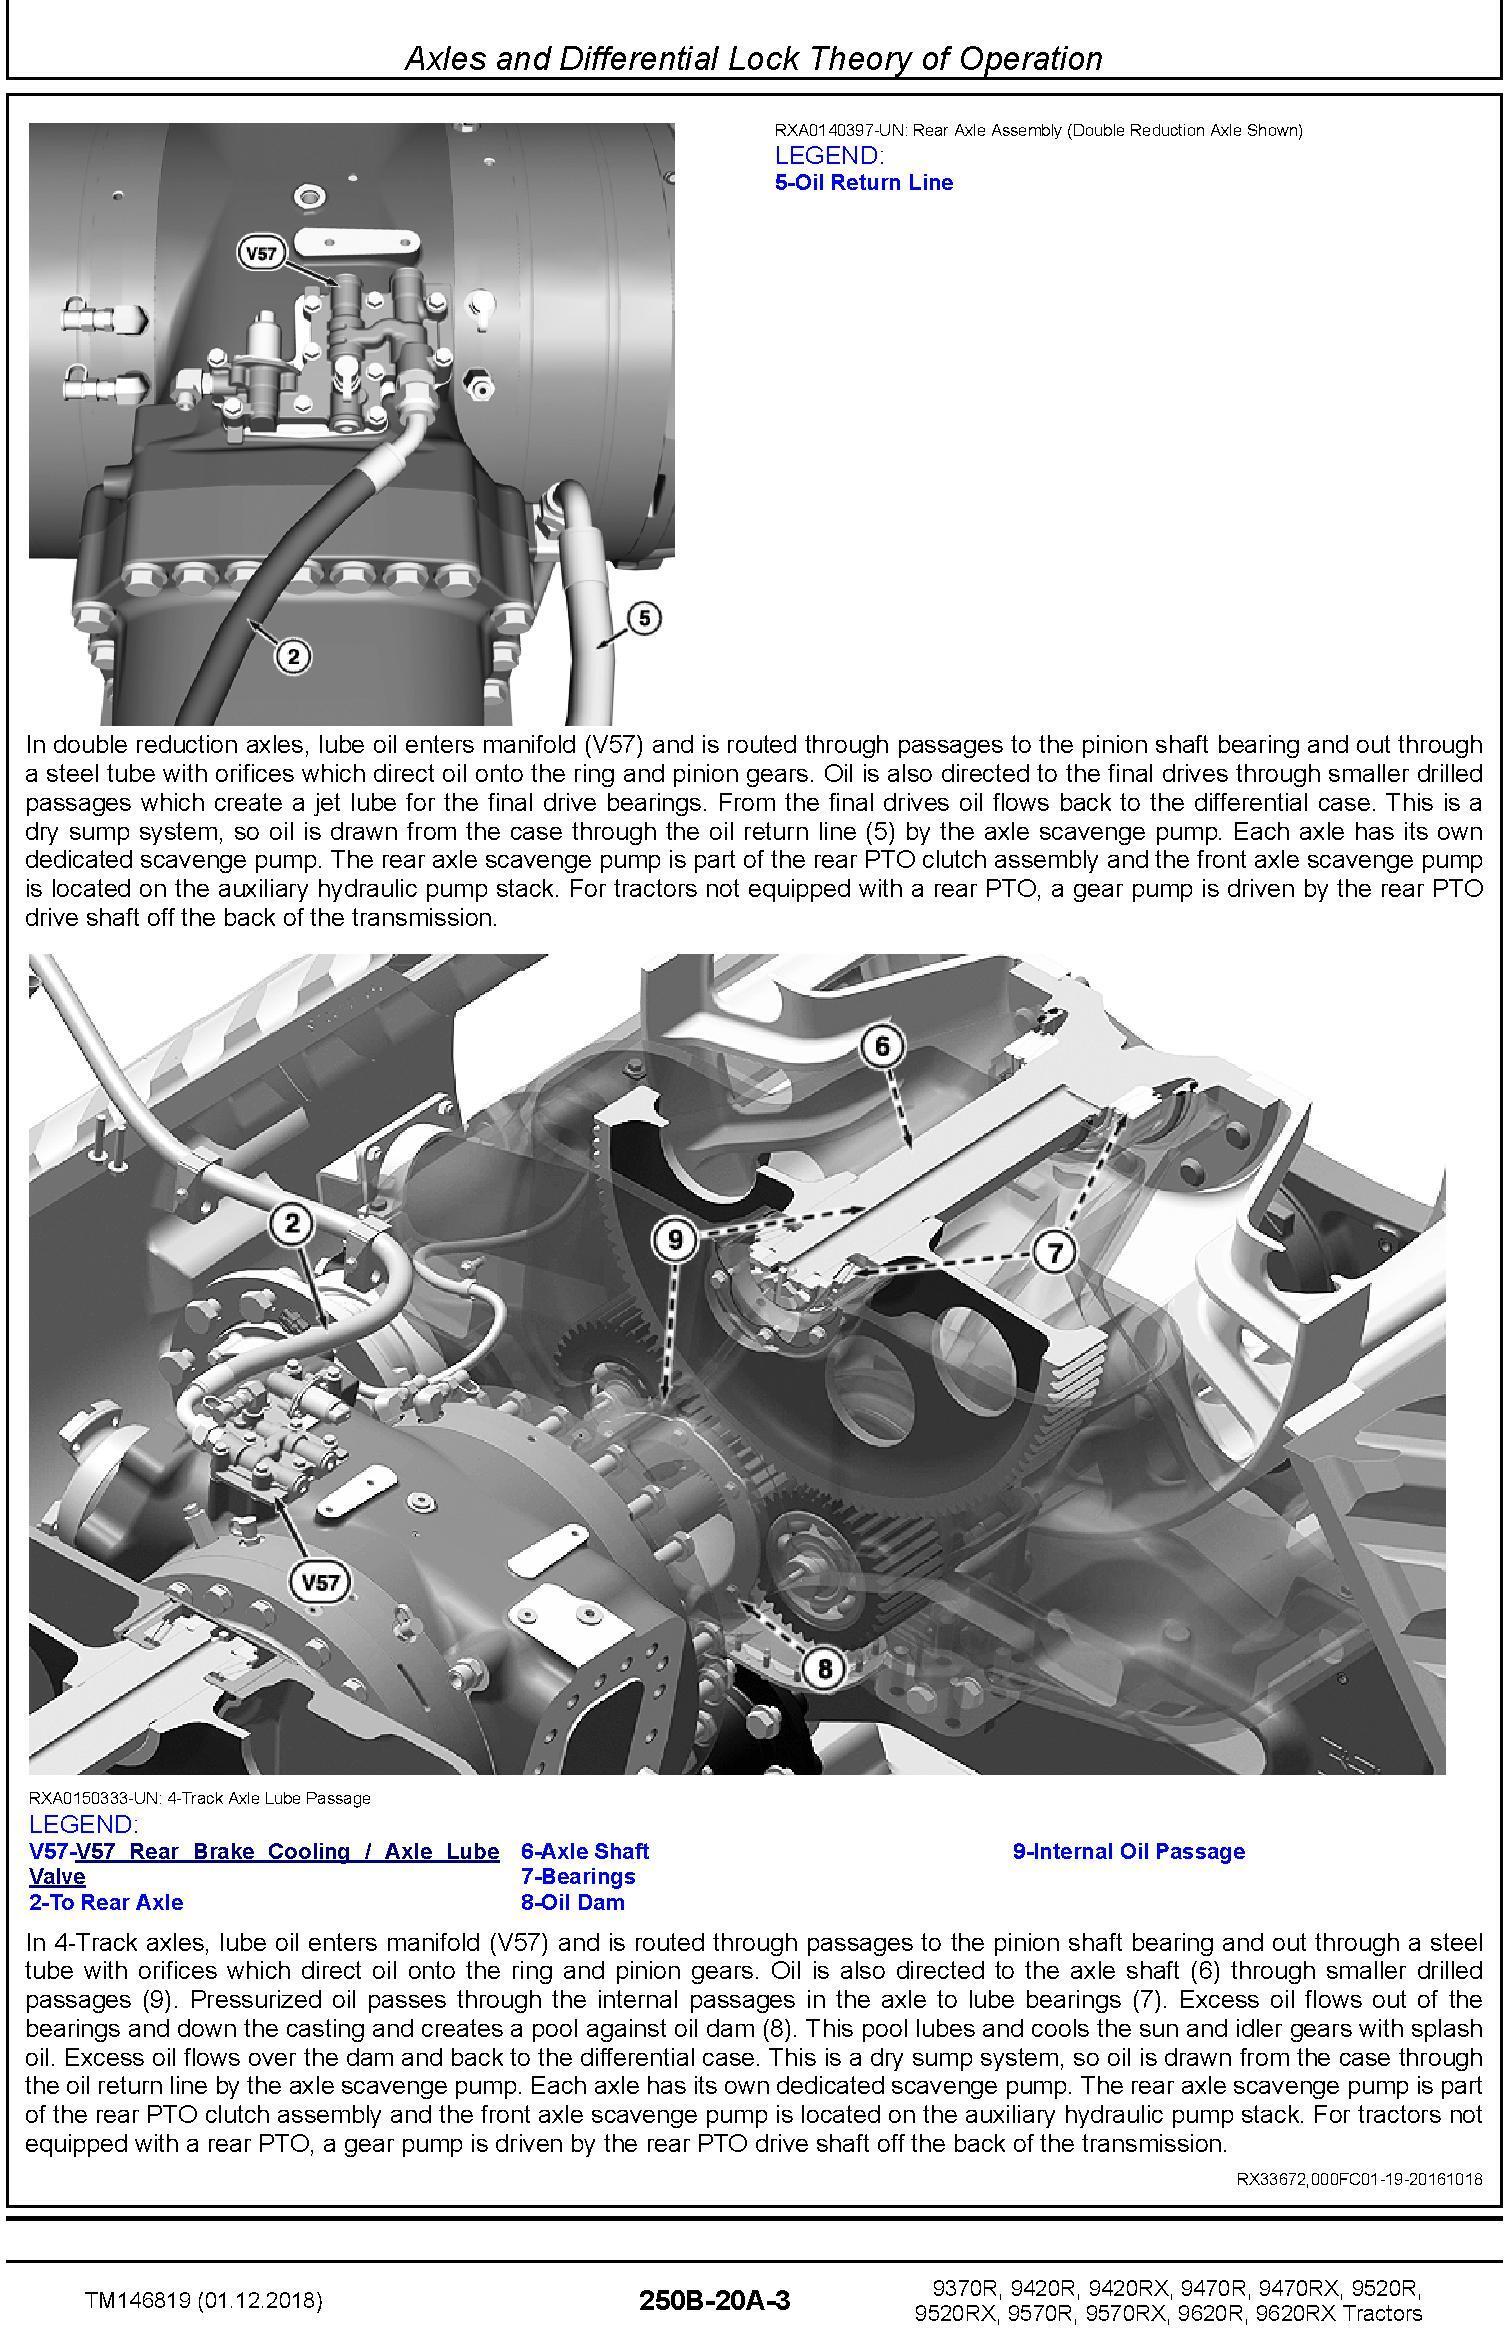 John Deere 9370R 9420R/RX 9470R/RX 9520R/RX 9570R/RX 9620R/RX Tractors Diagnostic Manual (TM146819) - 2